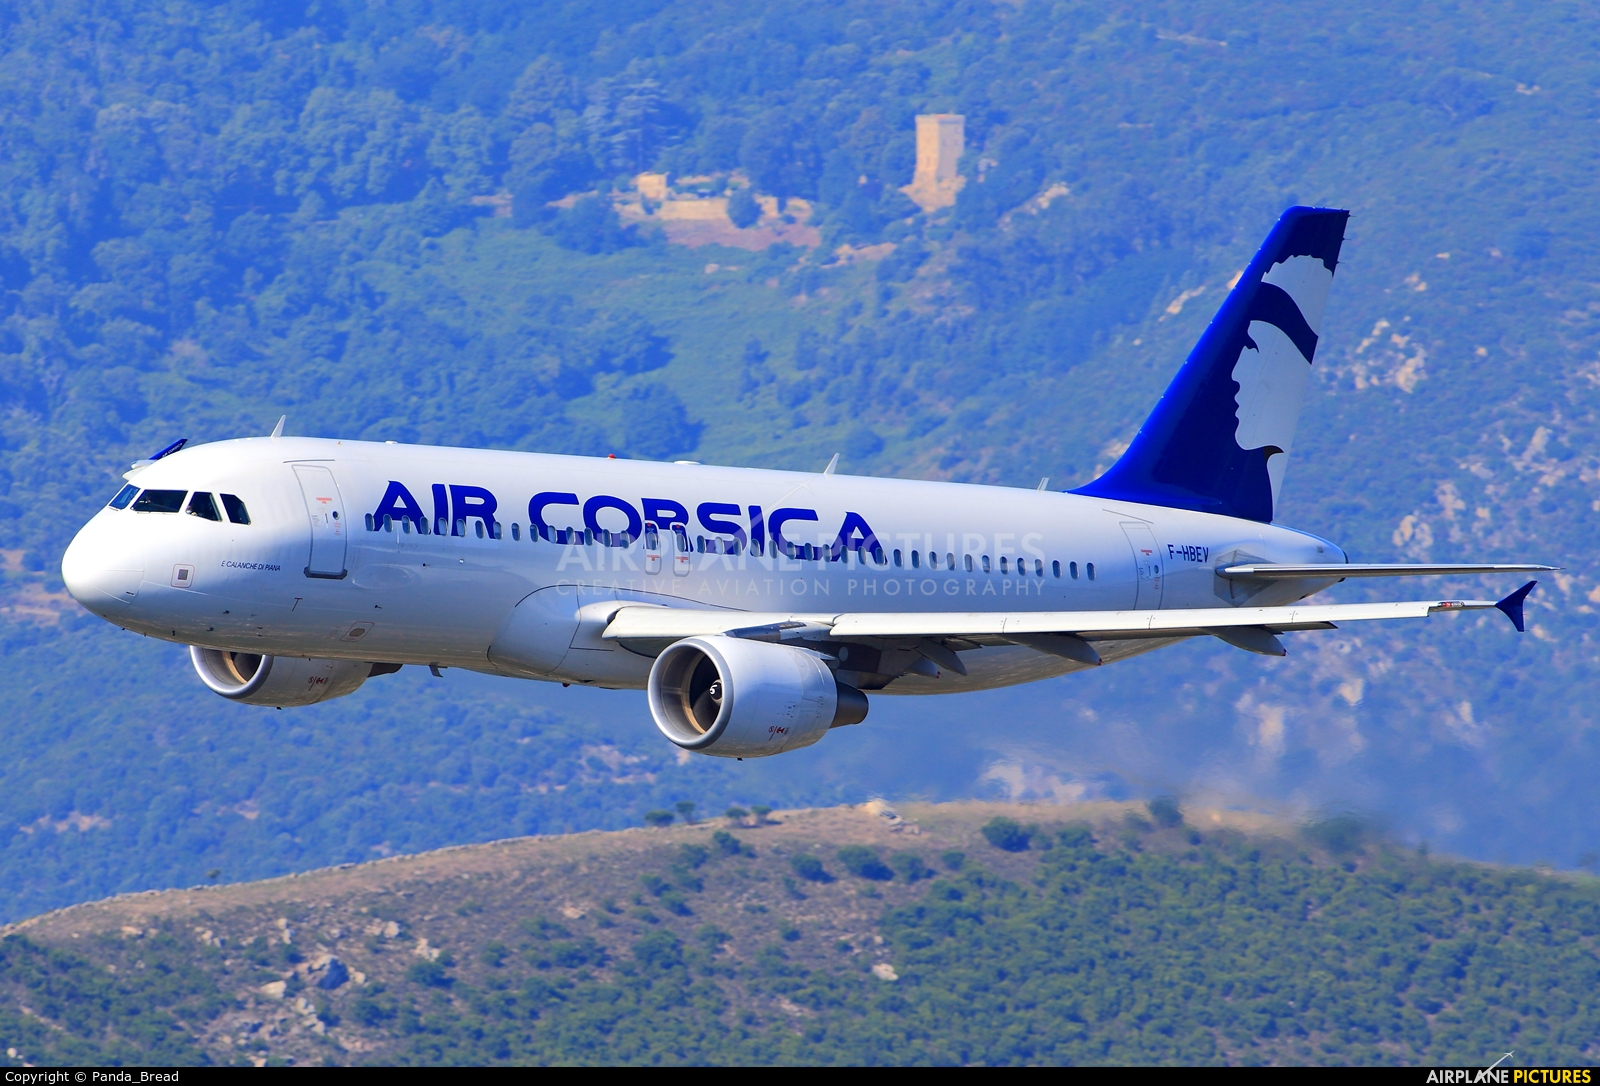 Air Corsica F-HBEV aircraft at Ajaccio - Campo dell